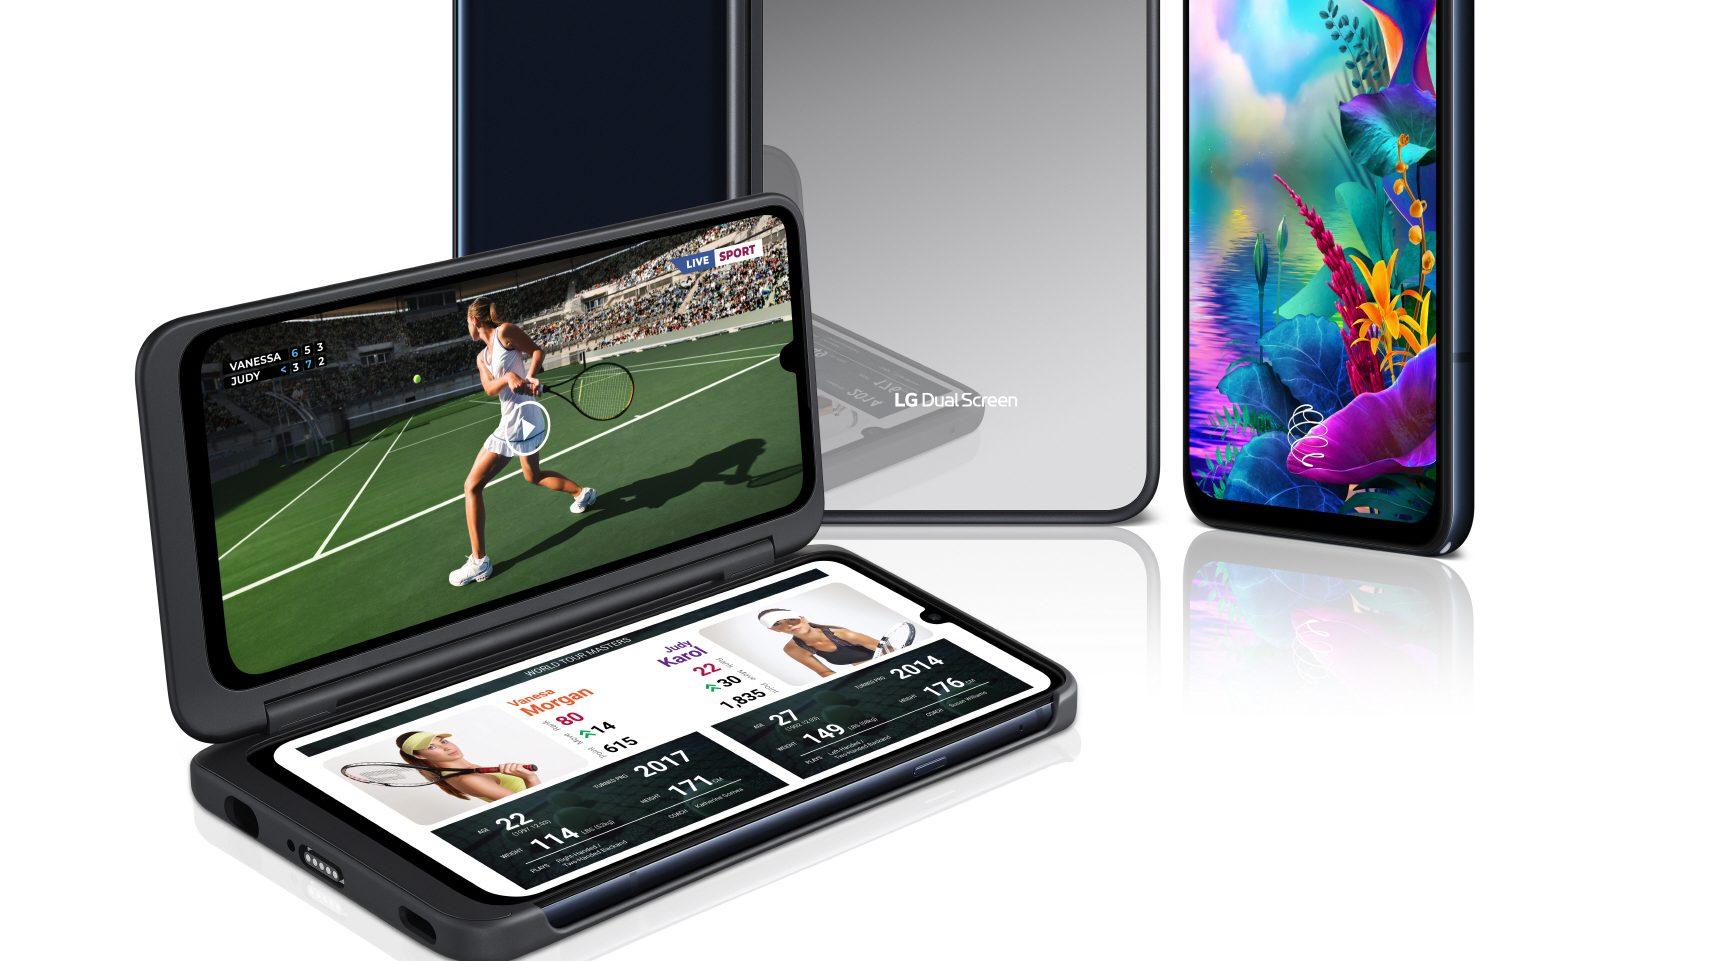 Perché non celebrare San Valentino con uno smartphone dual screen? thumbnail